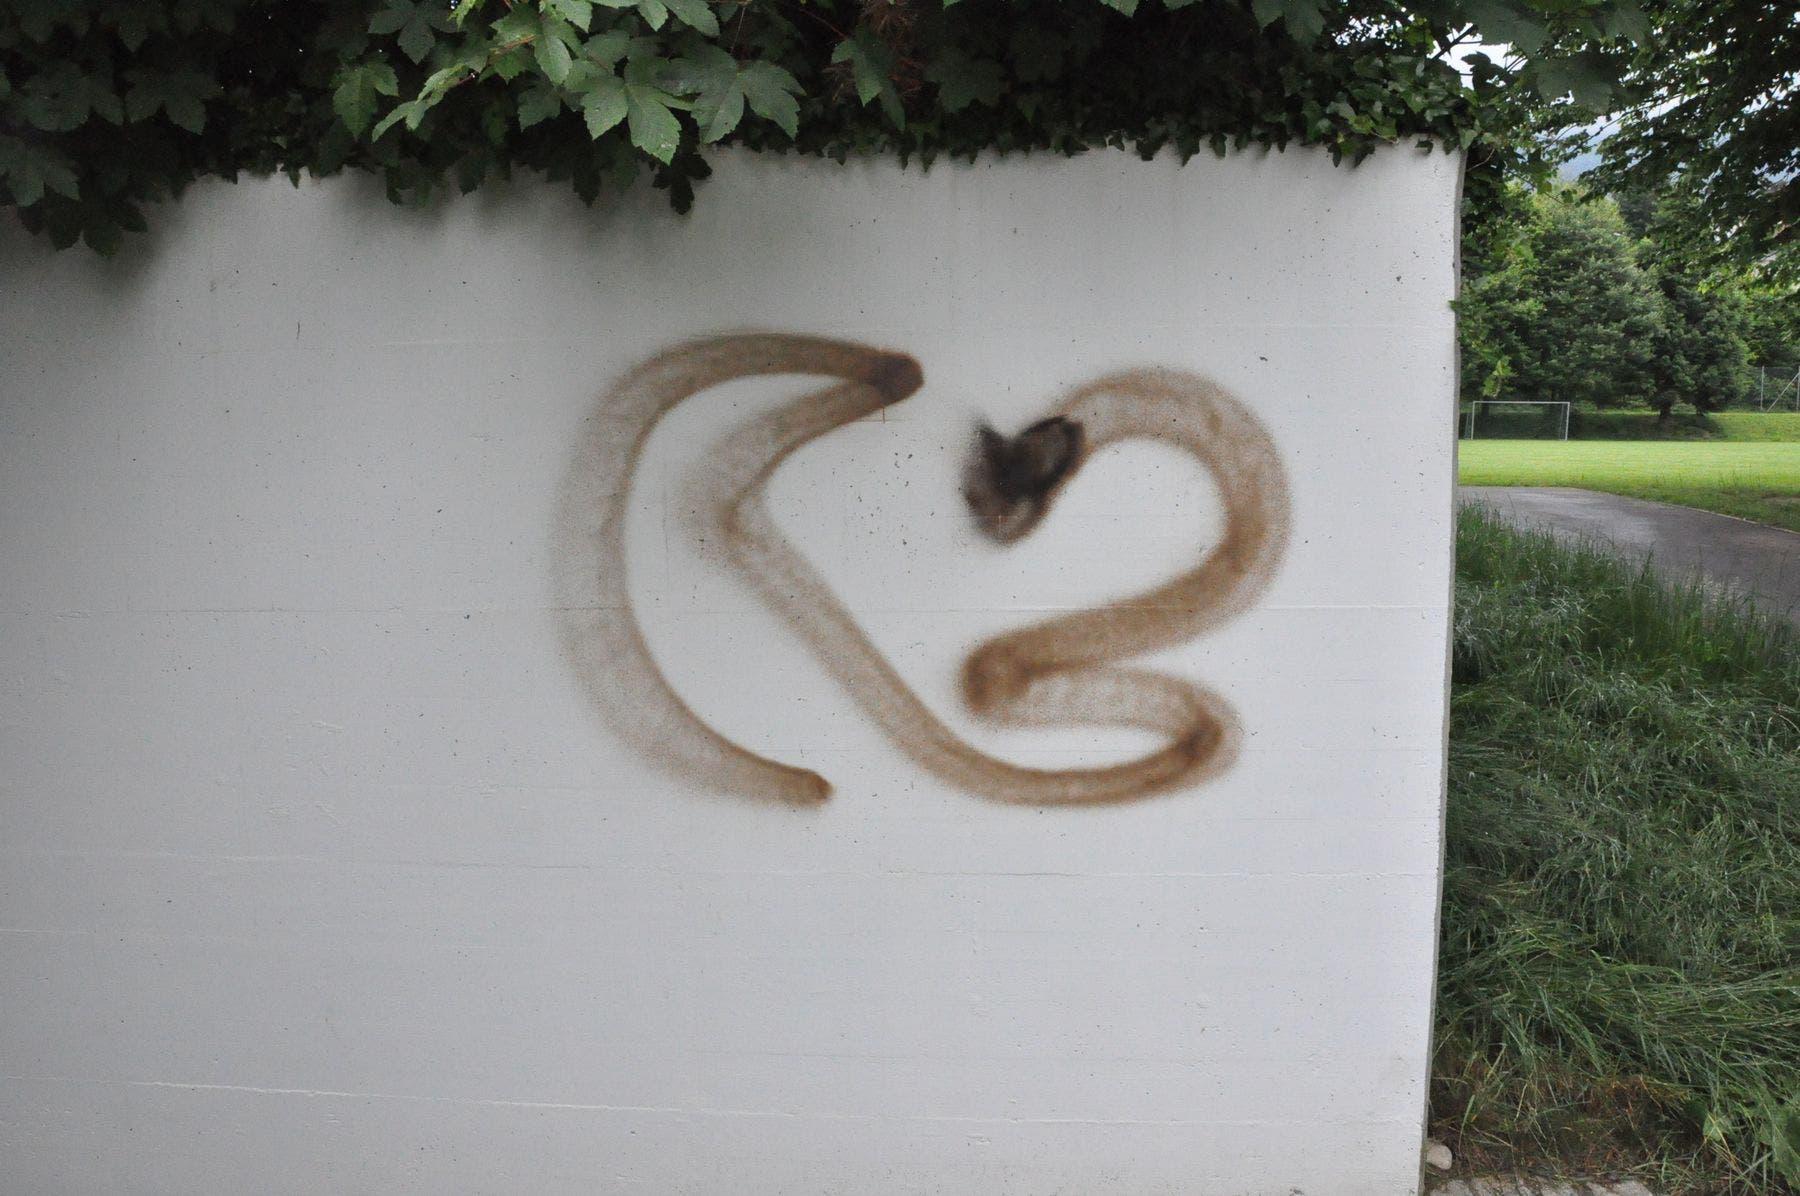 Eine unbekannte Täterschaft hat das Oberstufenschulhaus und die Doppelturnhalle mit mehreren Graffitis versprayt.